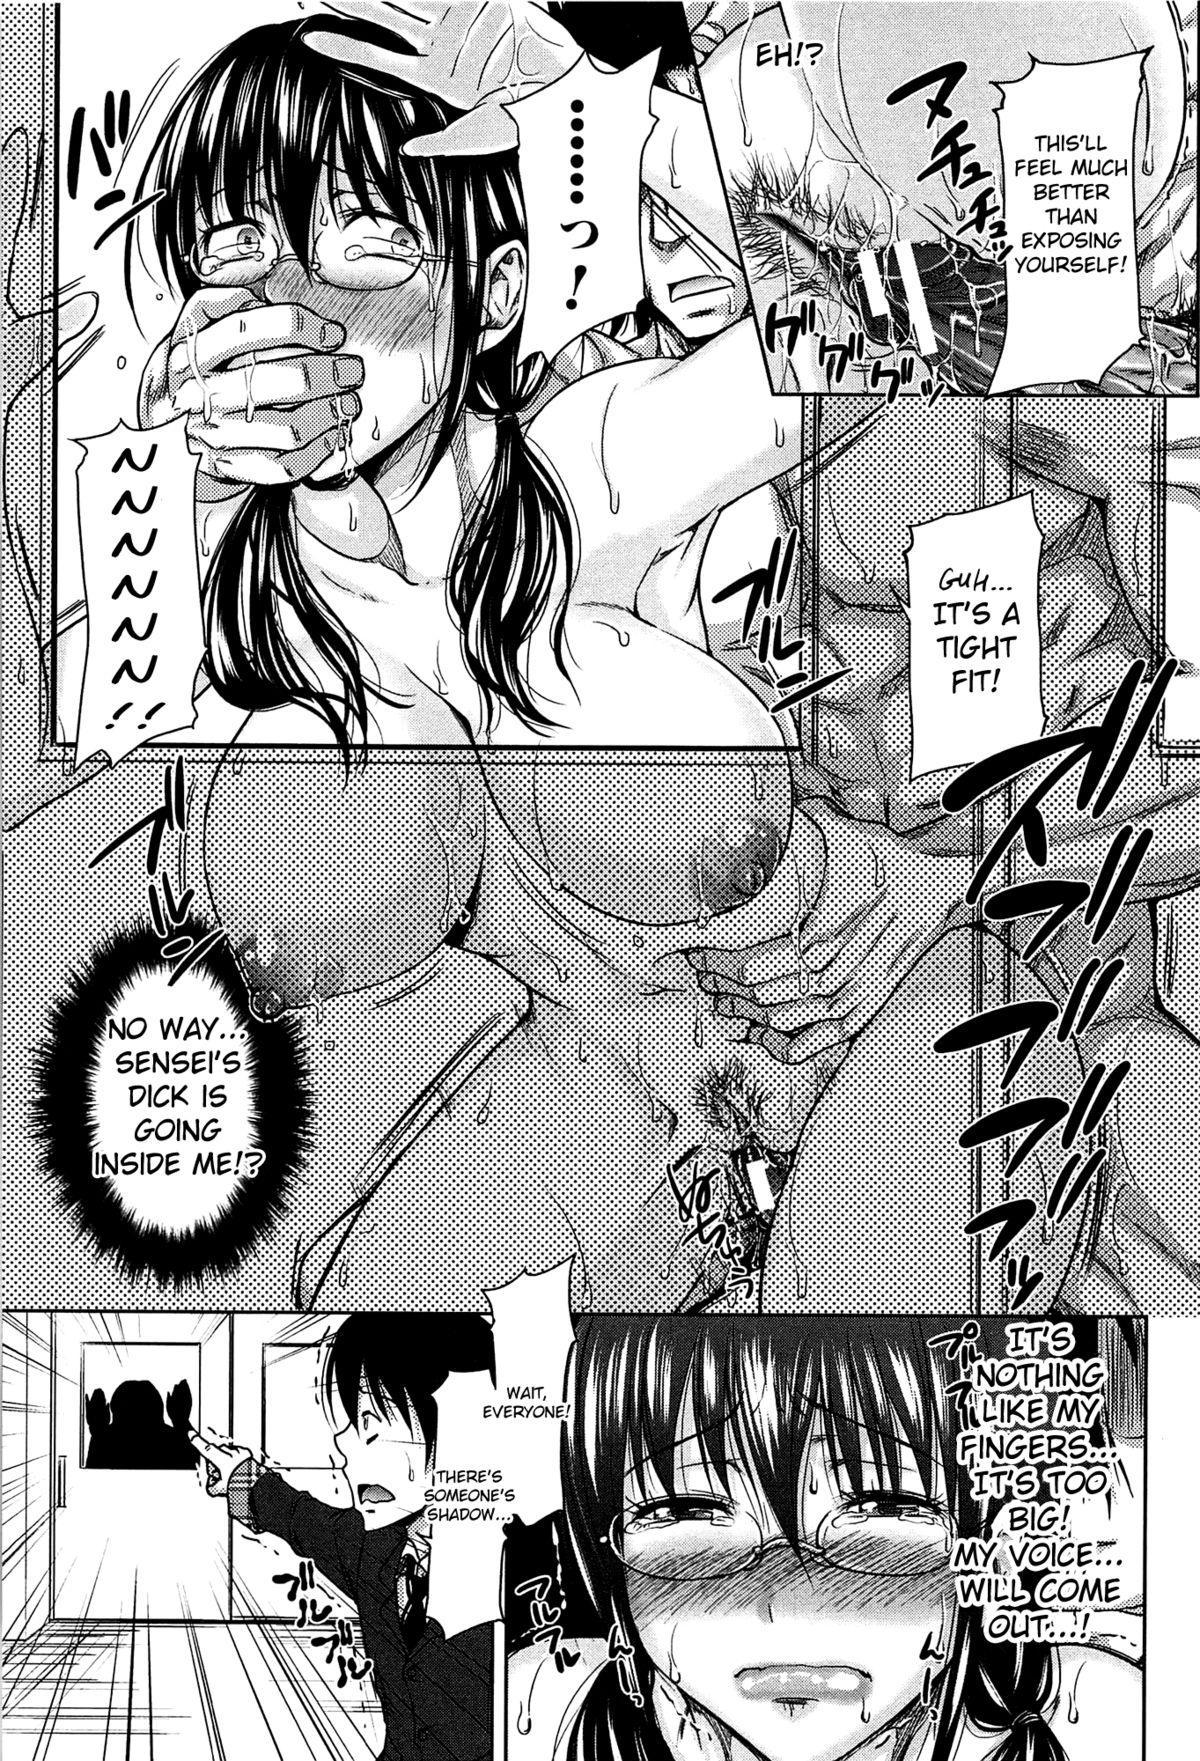 [Takuwan] H♥ERO -Sei no Kyoushitsu- Ch. 0-4 [English] [Mikakunin] 58